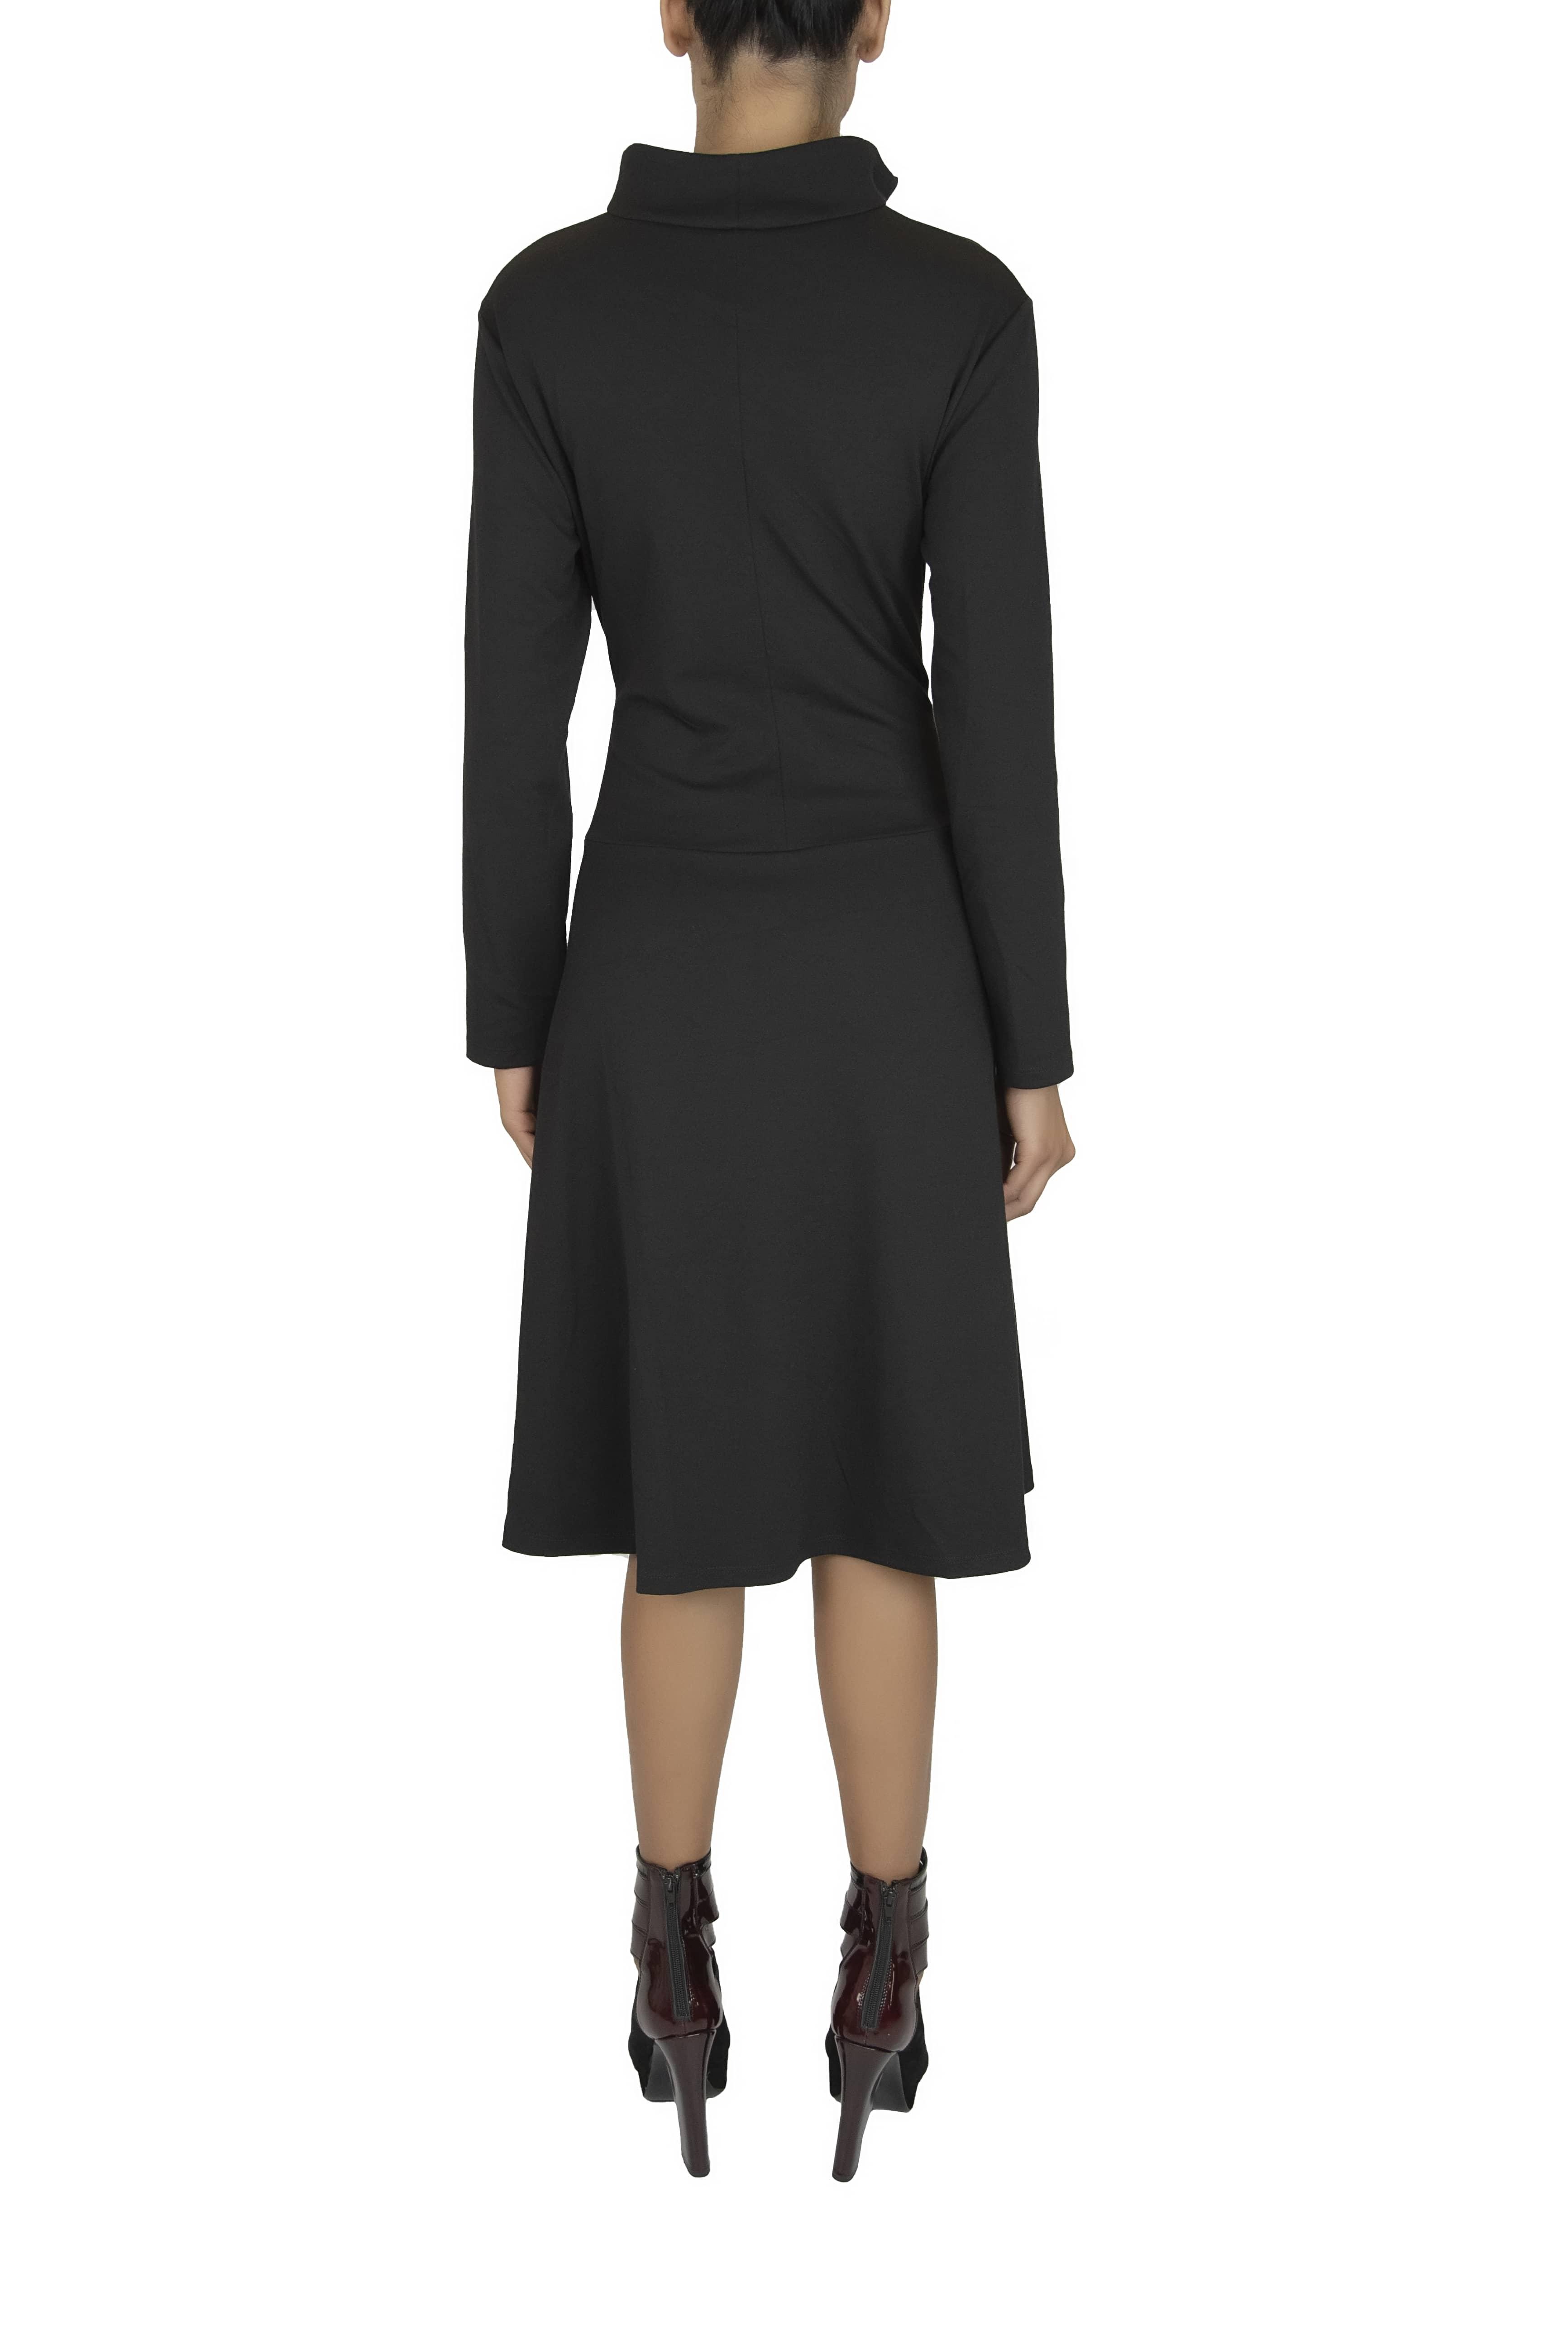 Dress TARF 2